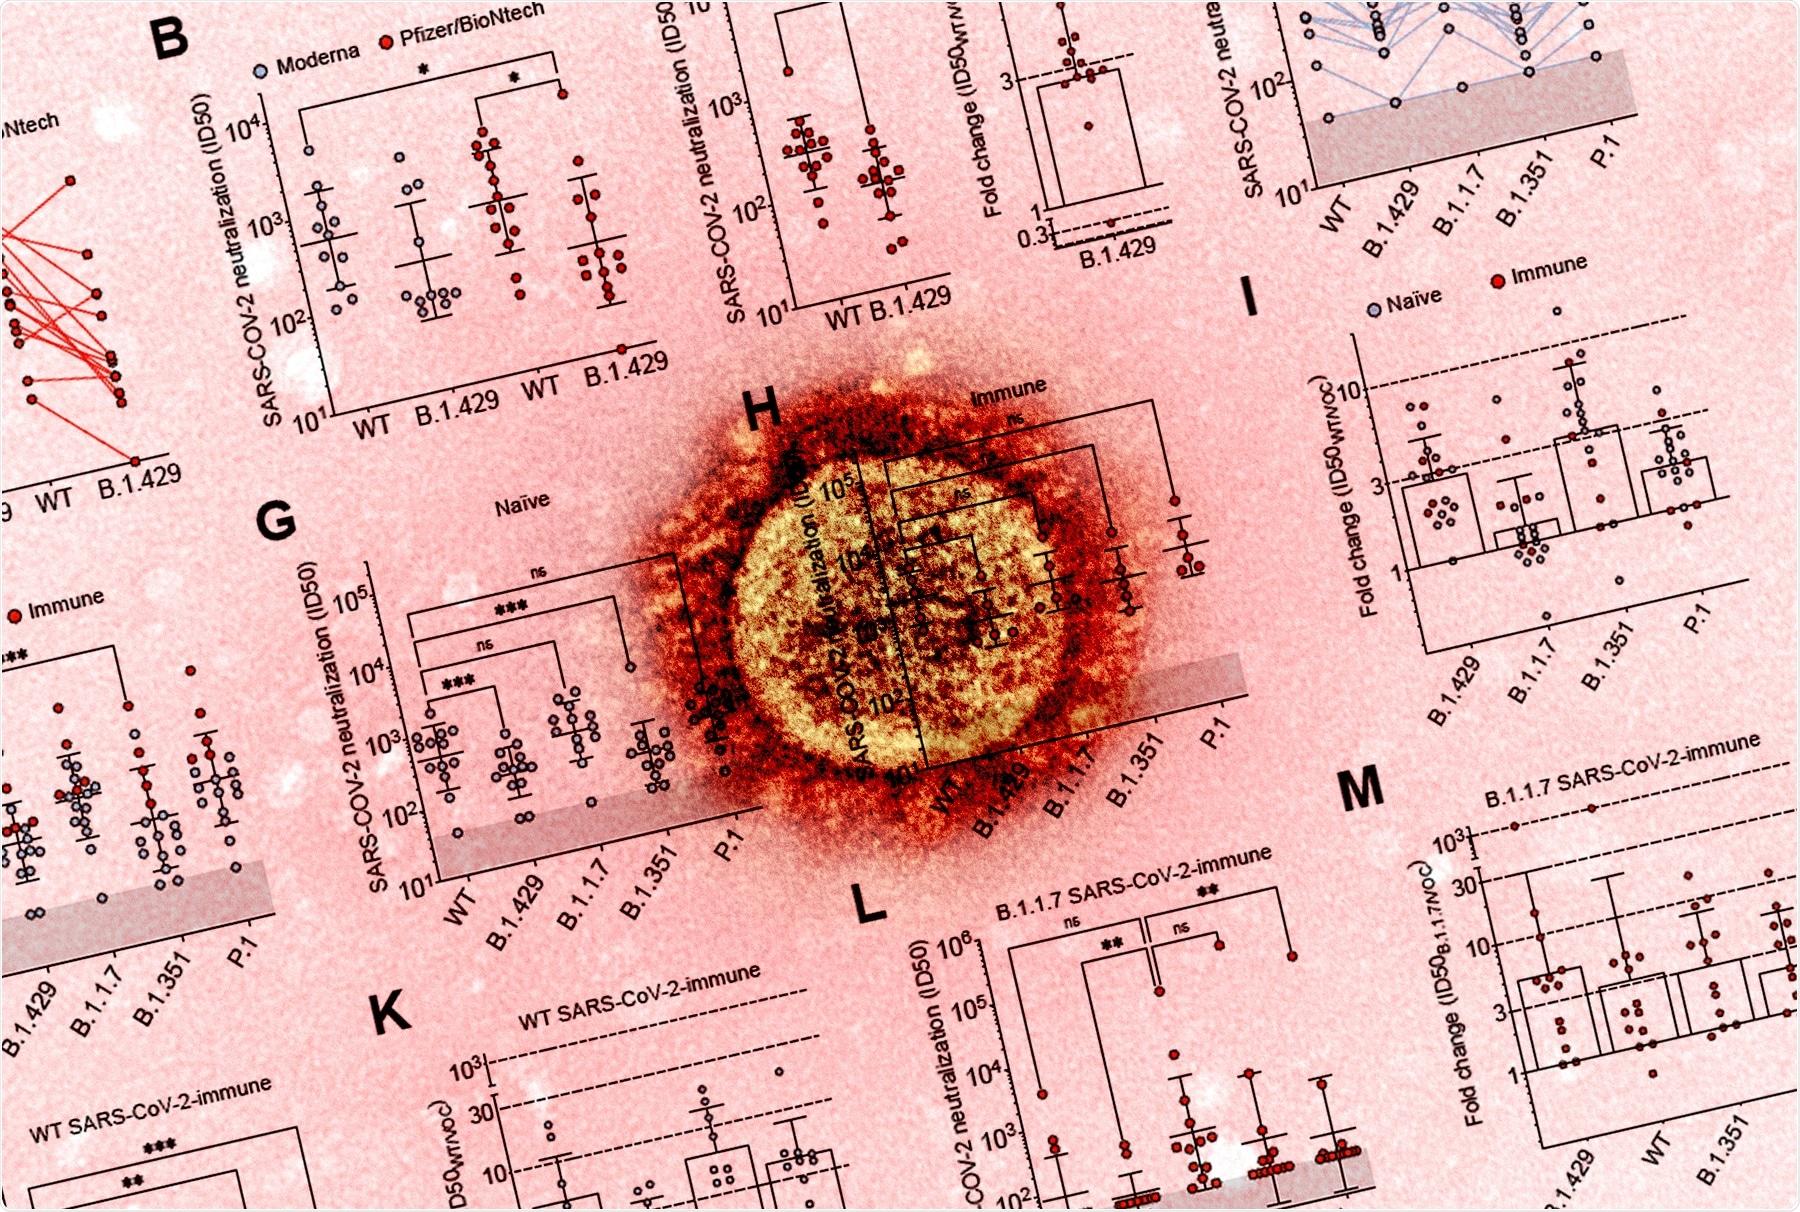 Étude : Évasion SARS-CoV-2 immunisée par la variante B.1.427/B.1.429